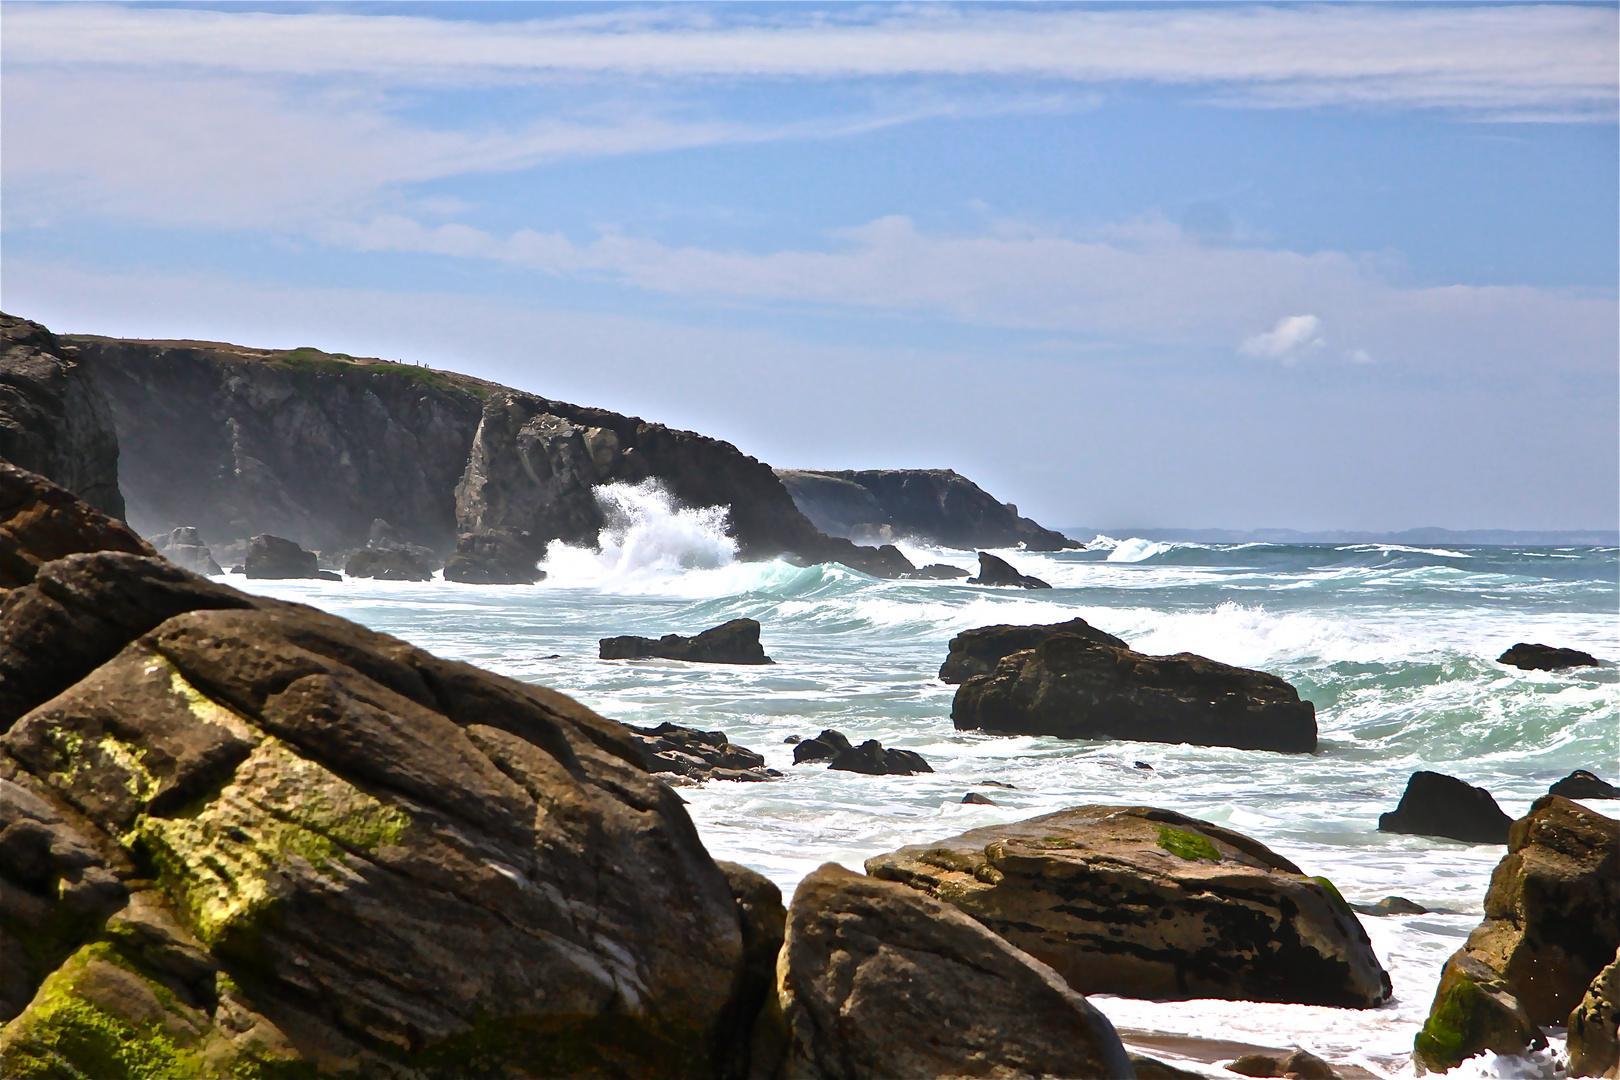 die wilde Küste - le beau sauvage